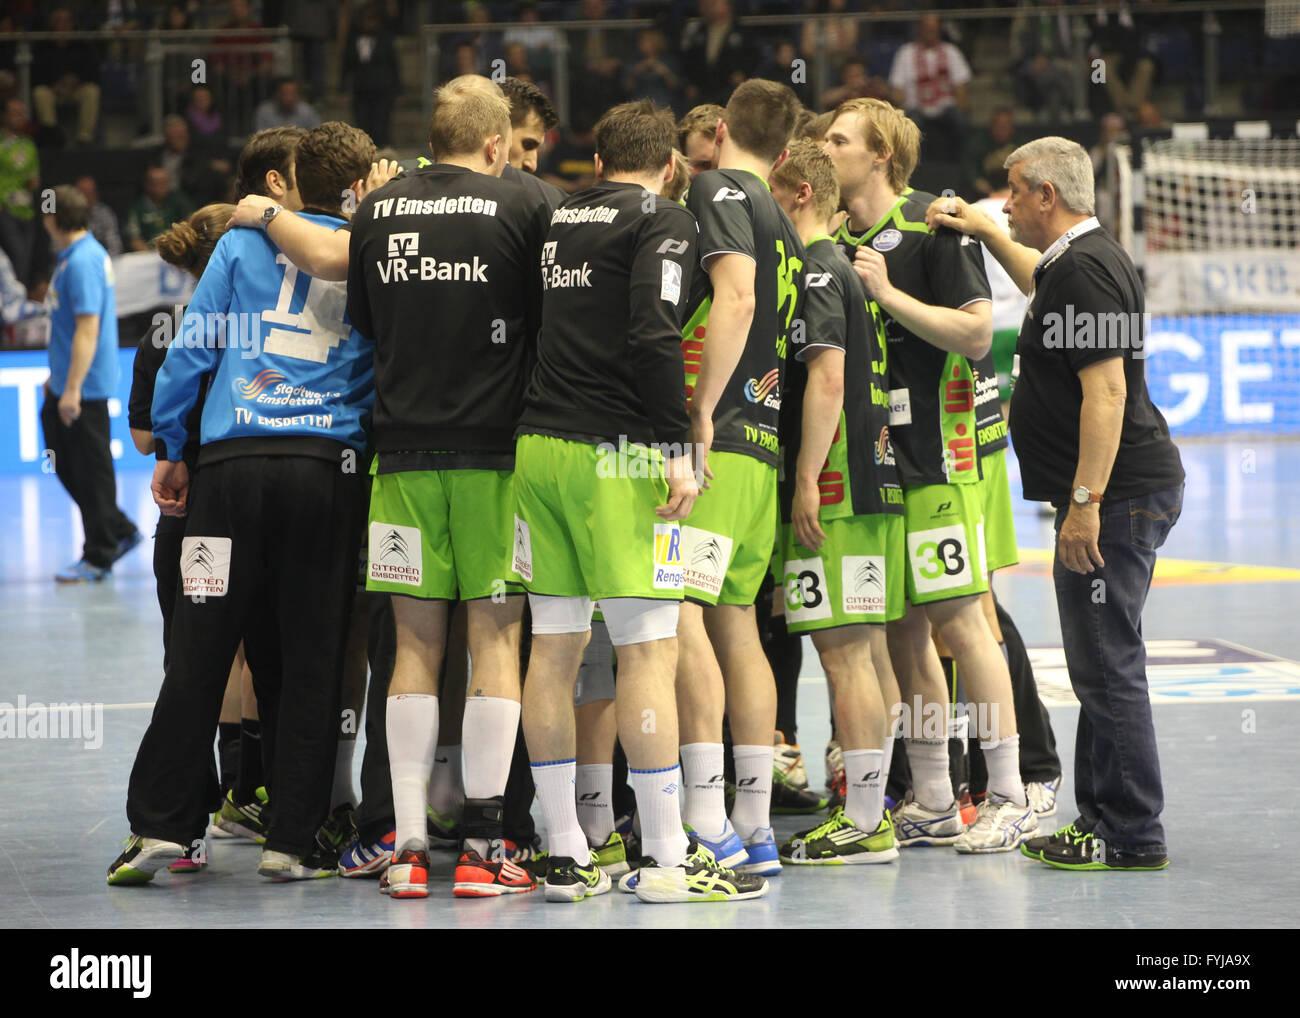 TV Emsdetten - Stock Image